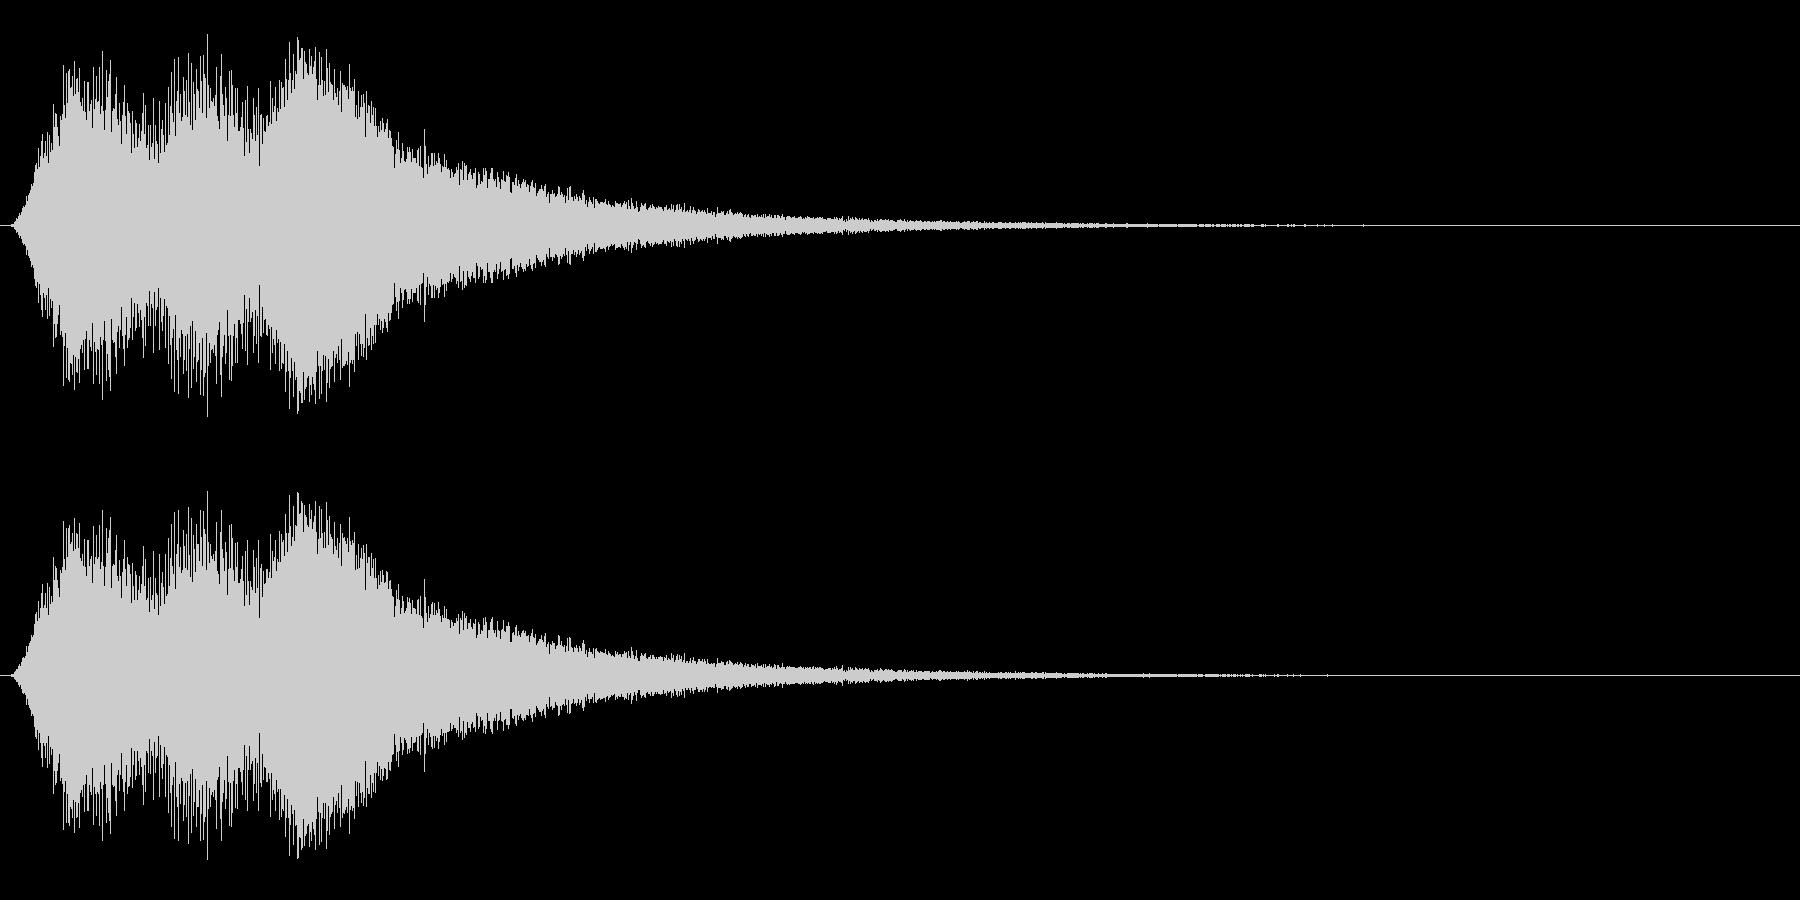 場面転換/移動/ワープの未再生の波形